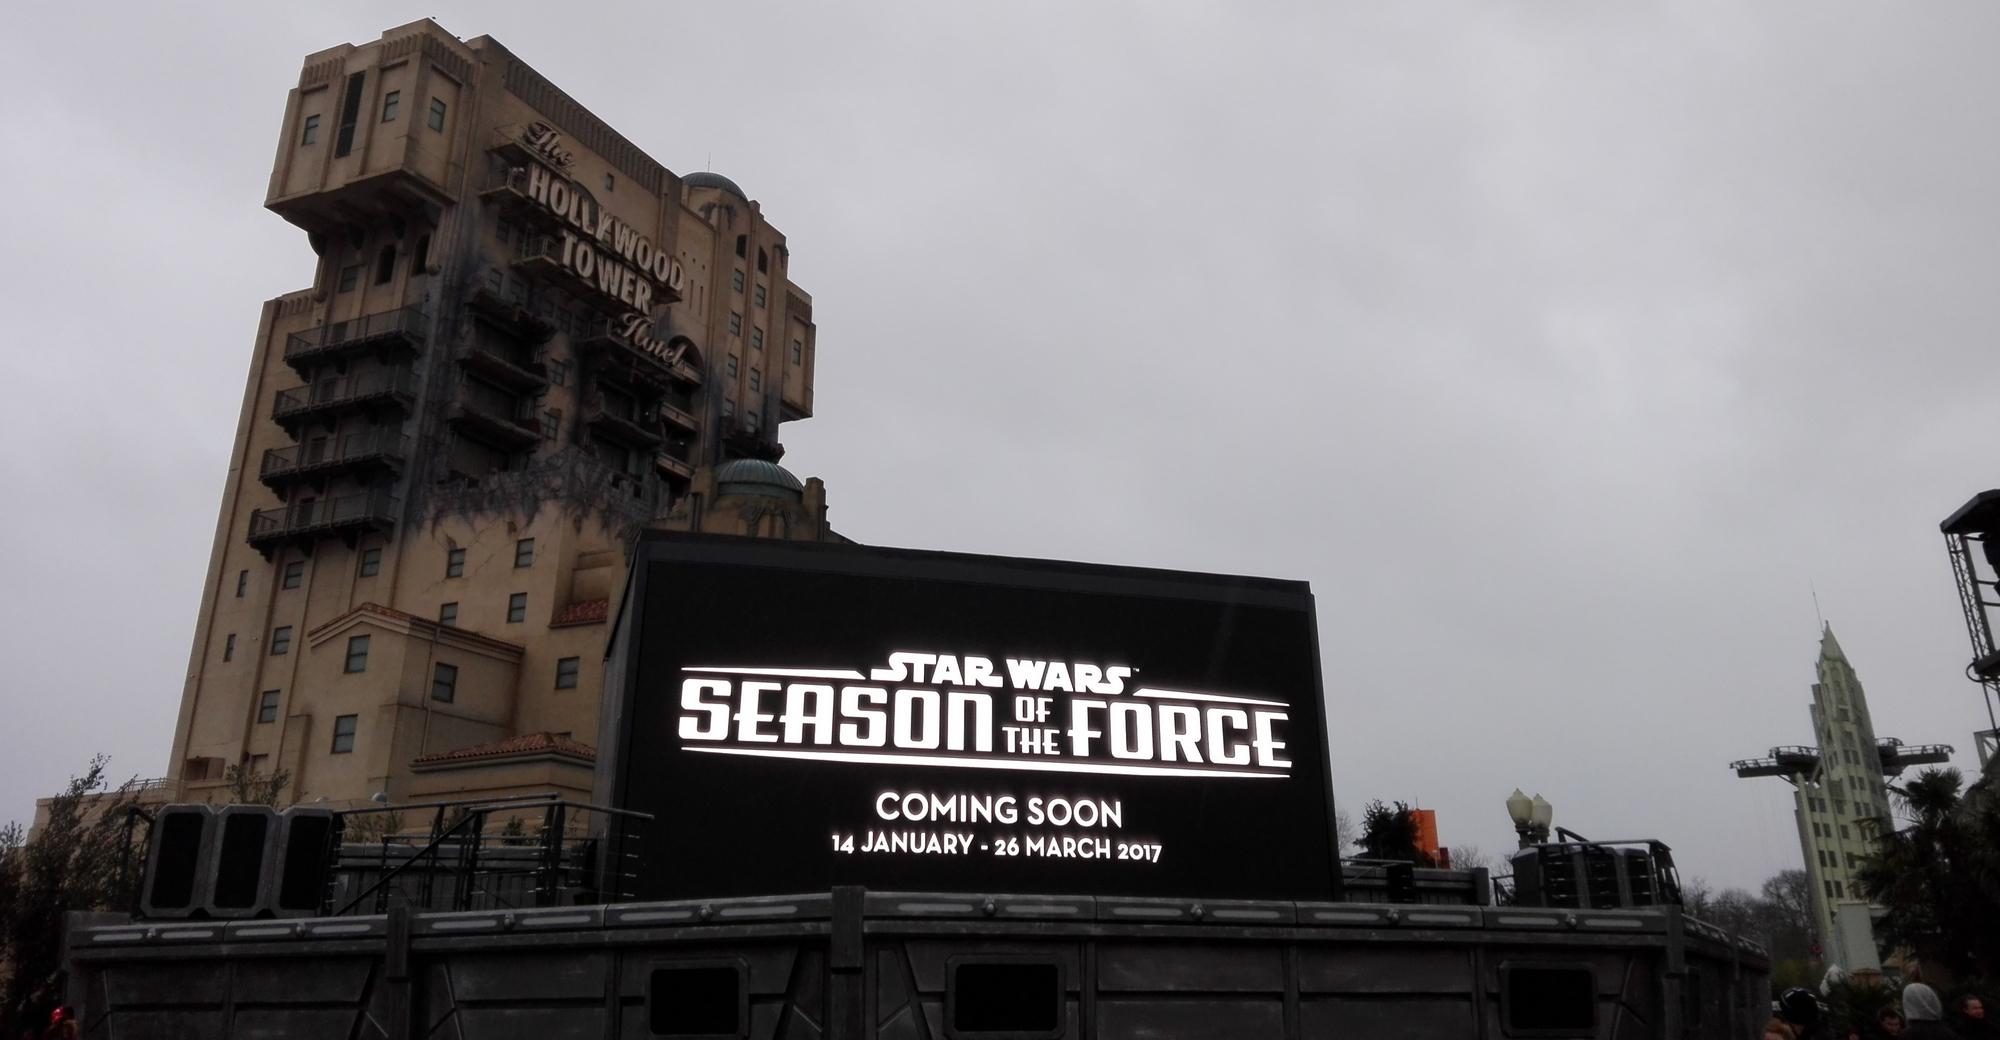 Saison de la force Star Wars Disneyland Paris - Parc Walt Disney Studios